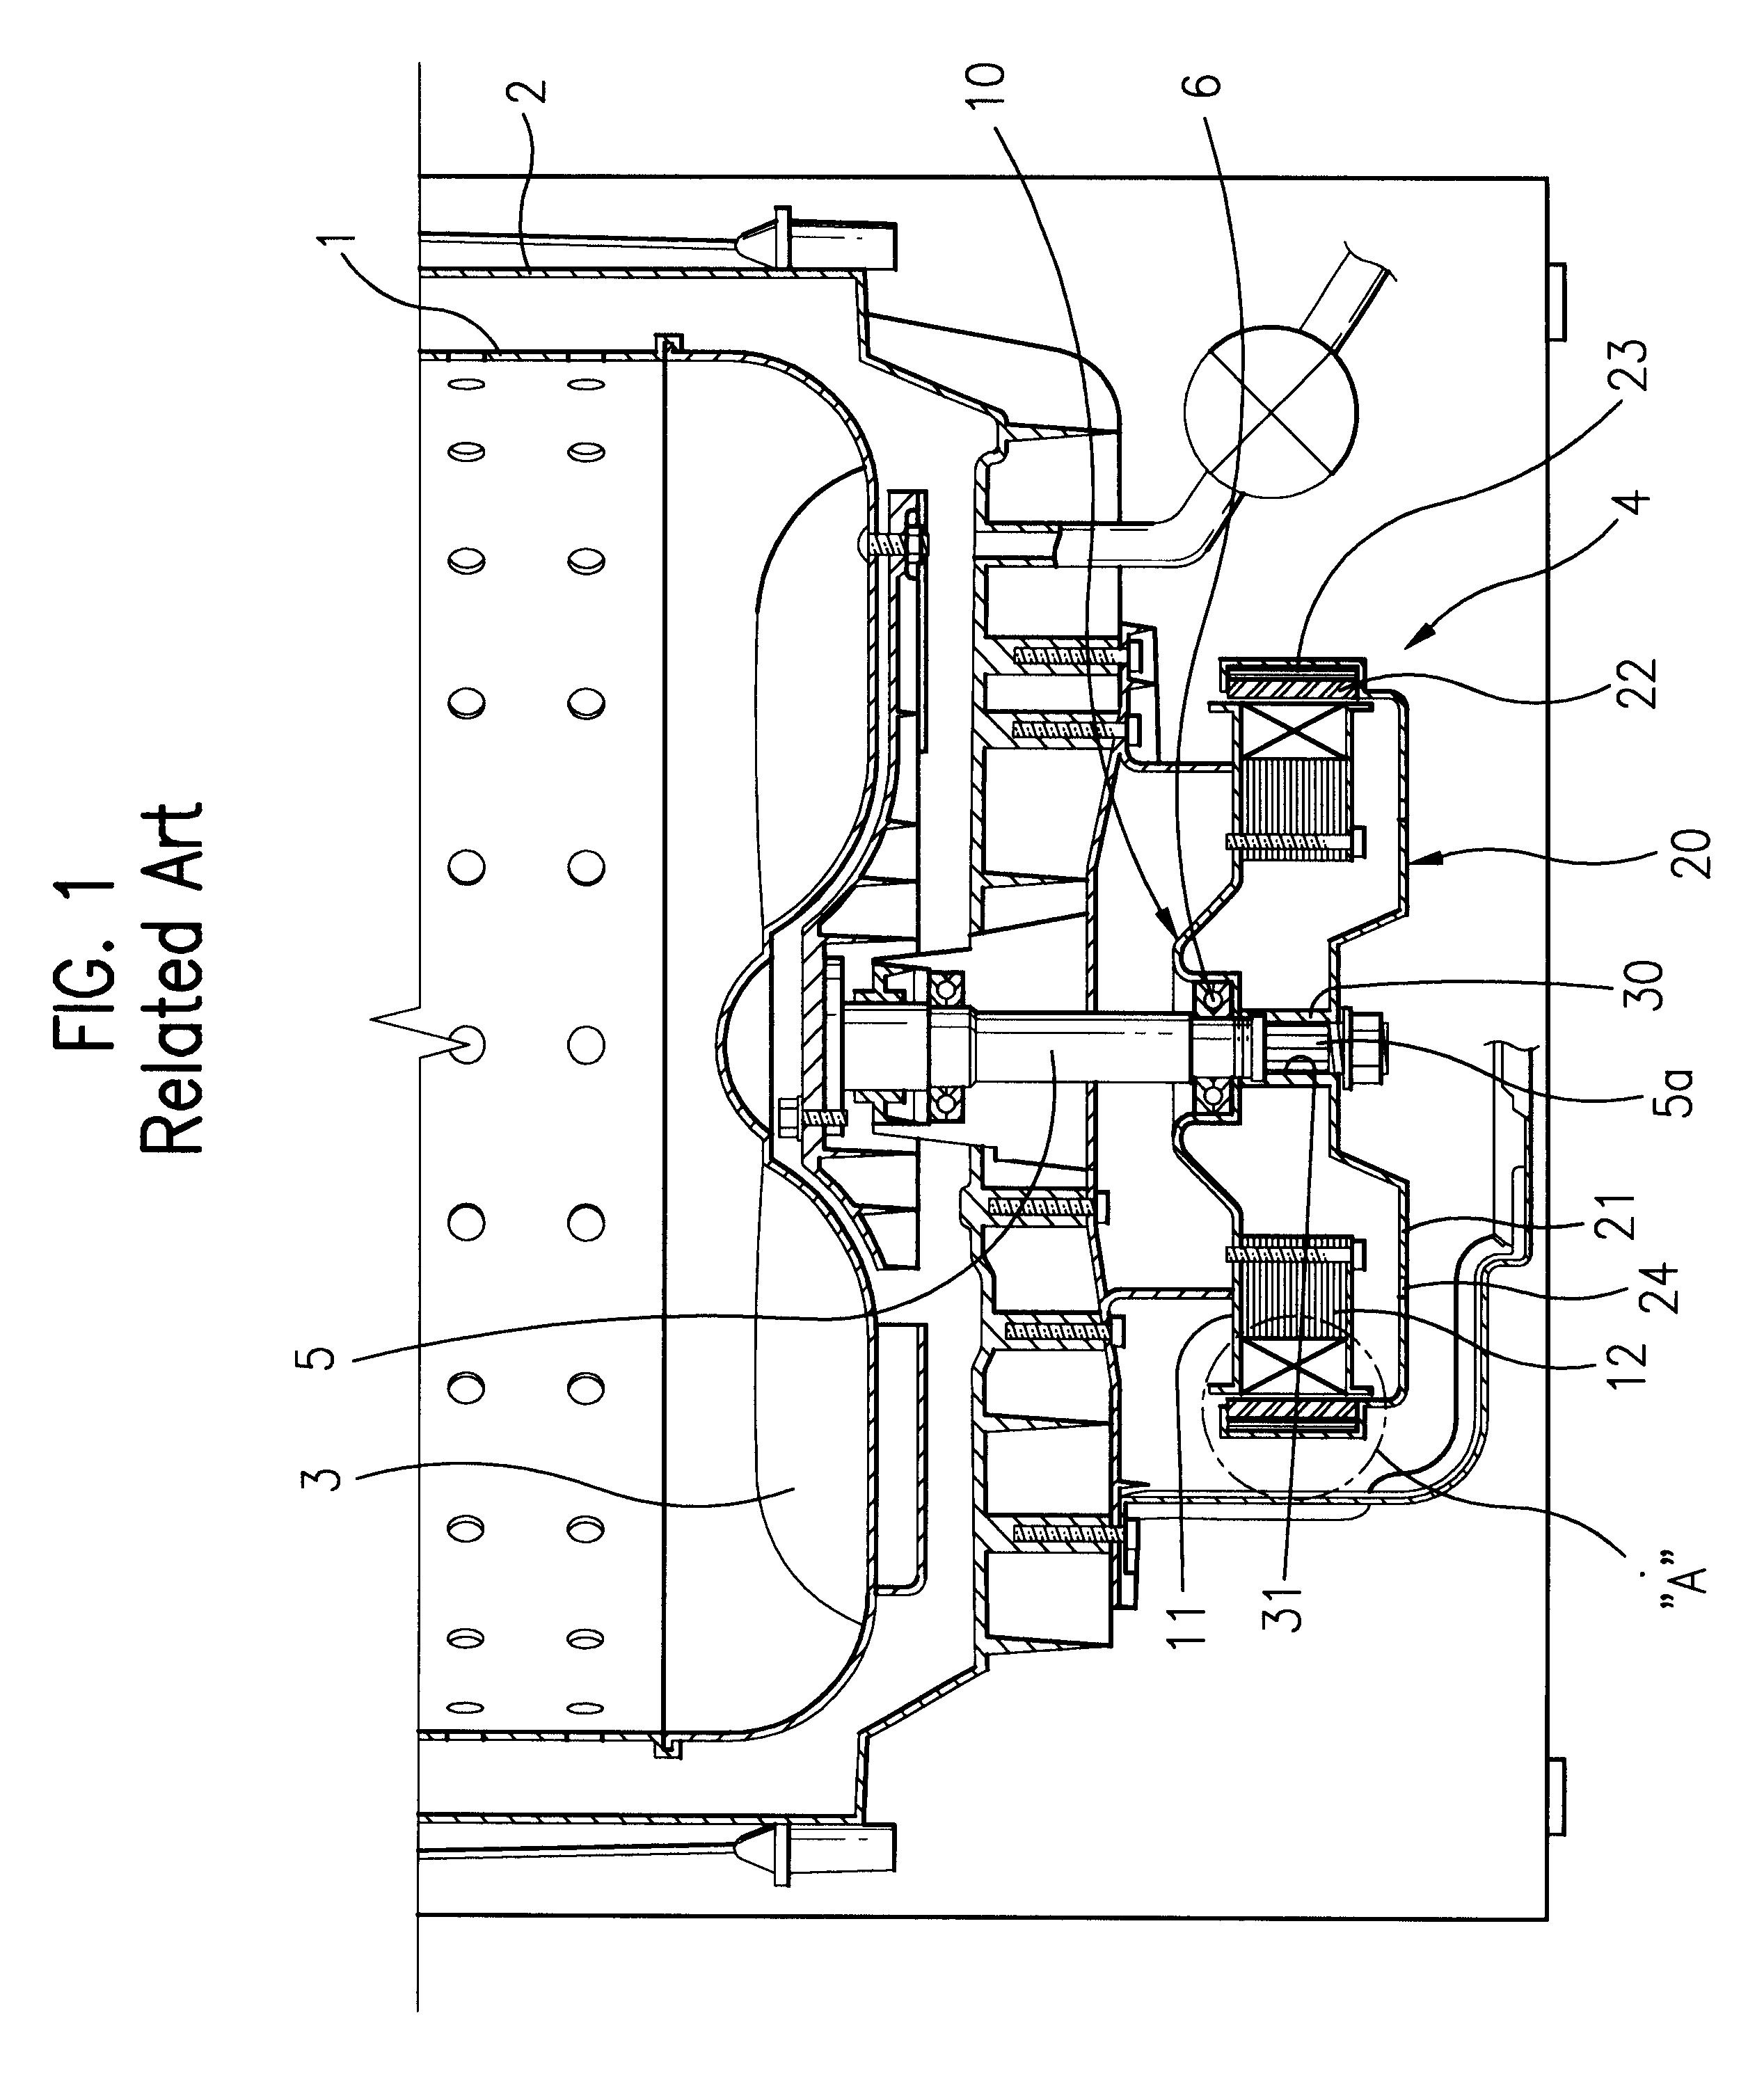 patent us6396190